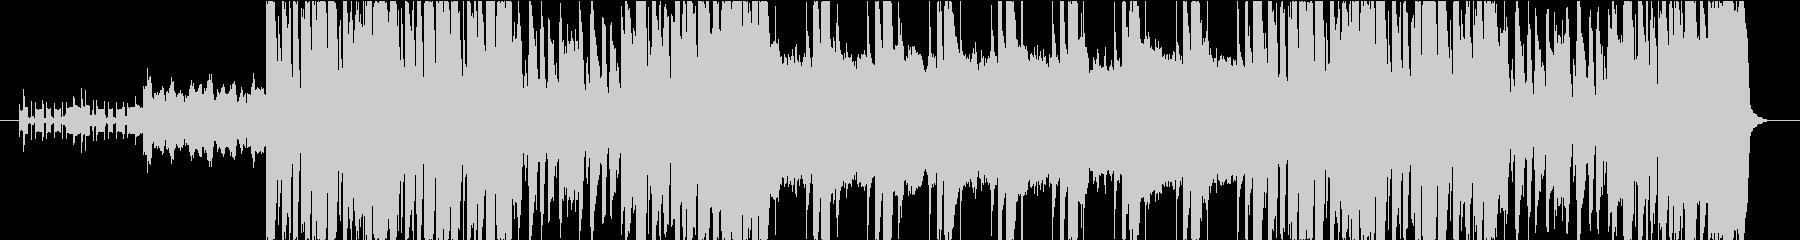 エレクトリック&弦楽器のアッパーチューンの未再生の波形